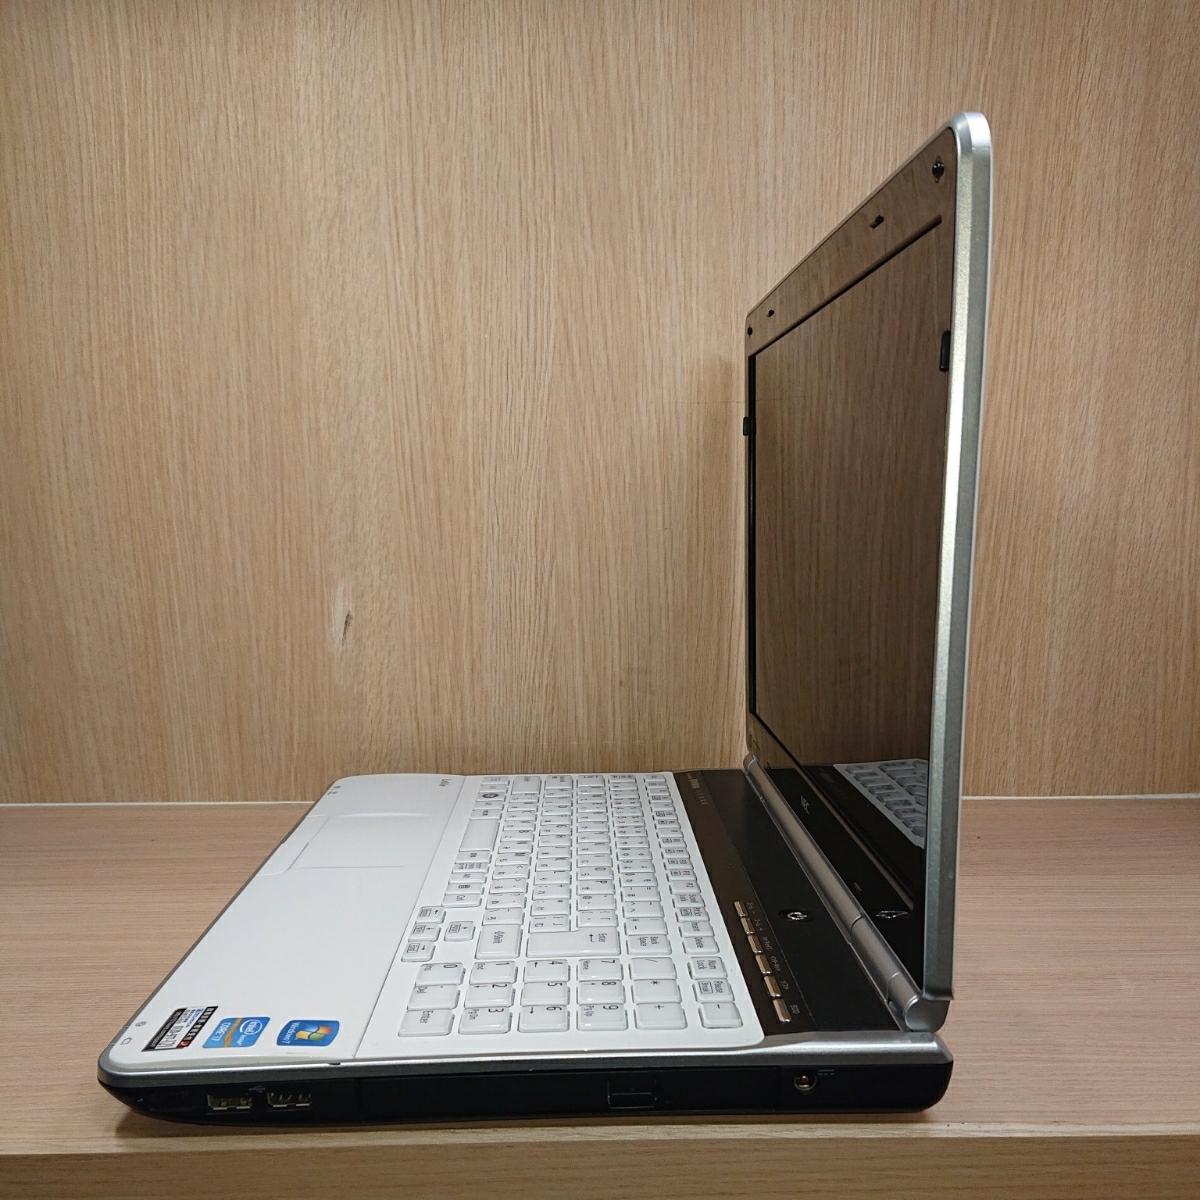 【B26】即決特典 爆速SSD240GB NEC LaVie LL750 ホワイト YAMAHAsound ノートパソコン core i7-2670QM メモリ8GB Windows10 Office2019 _画像5